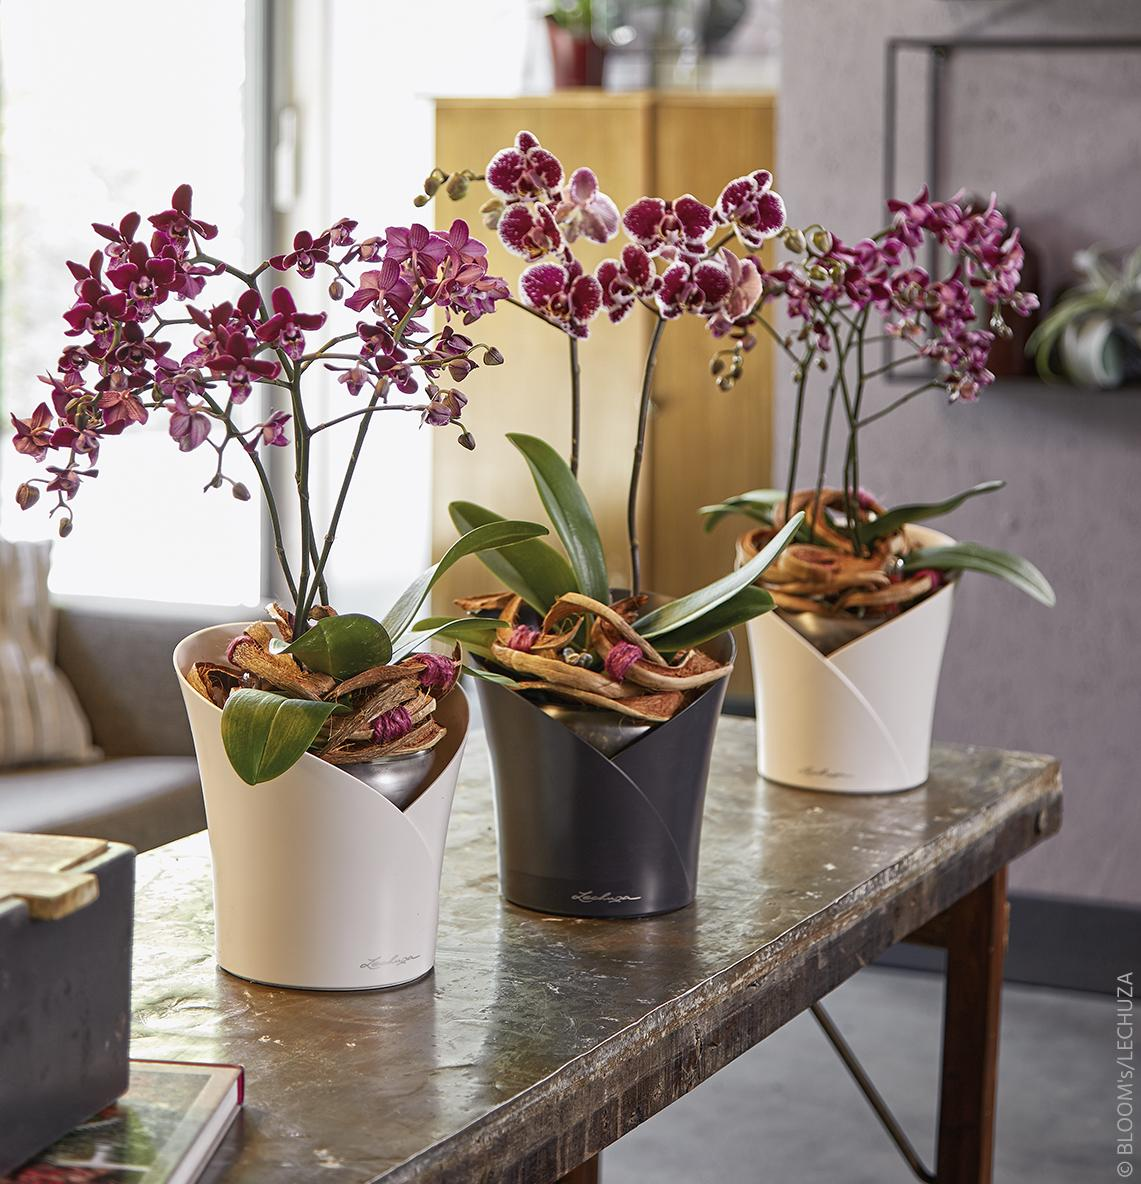 LECHUZA présente le pot ORCHIDEA spécialement conçu pour ces élégantes venues des tropiques